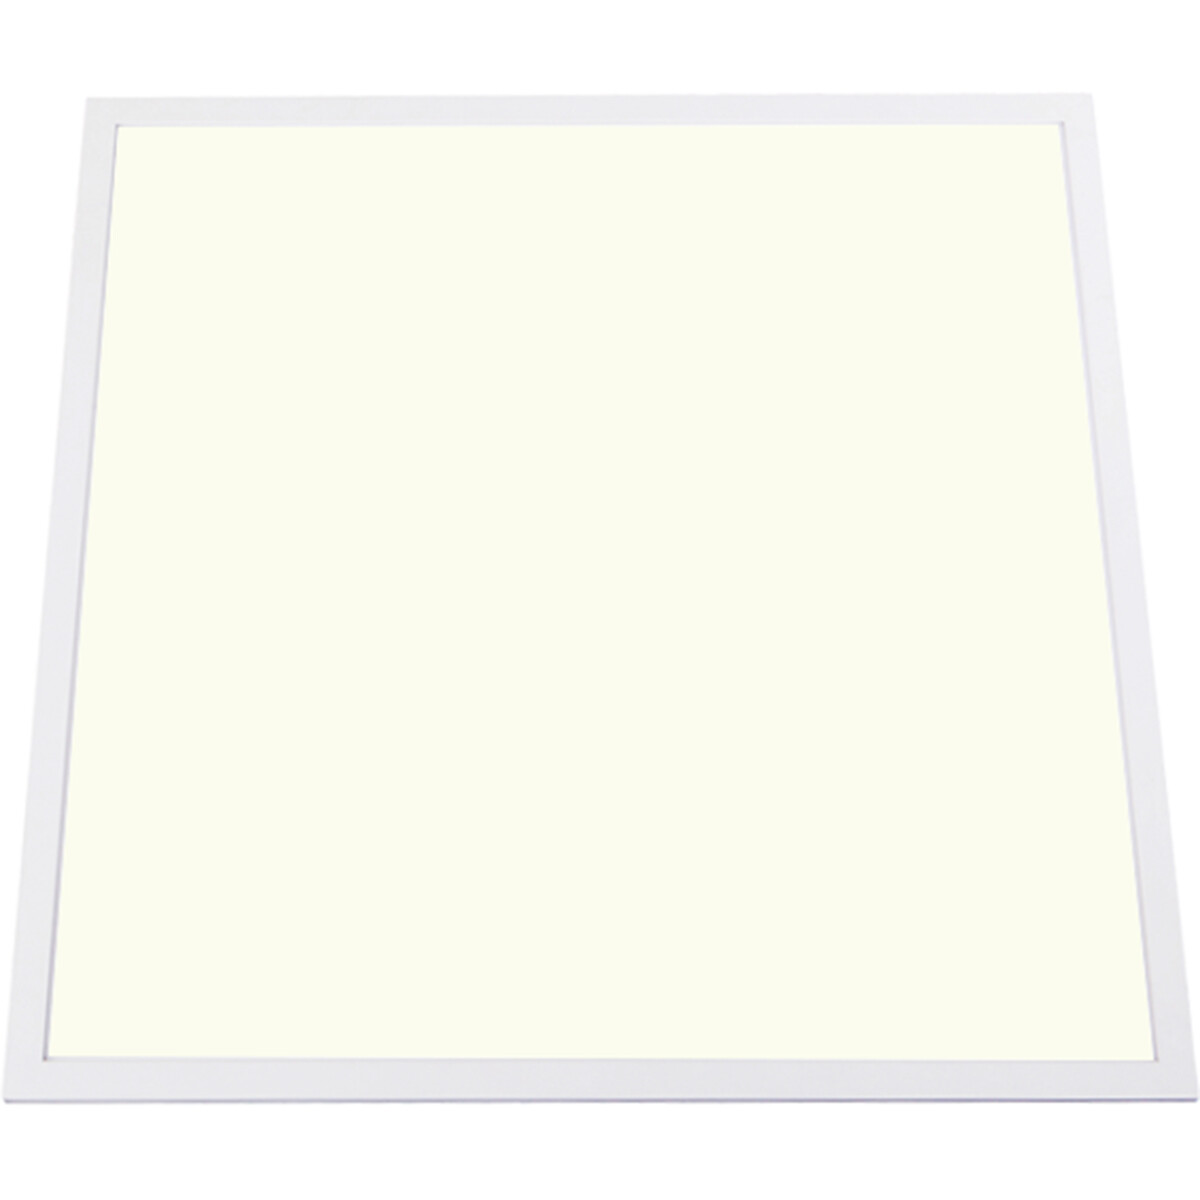 LED Paneel - Aigi - 60x60 Natuurlijk Wit 4000K - 50W Inbouw Vierkant - Mat Wit - Aluminium - Flikkervrij